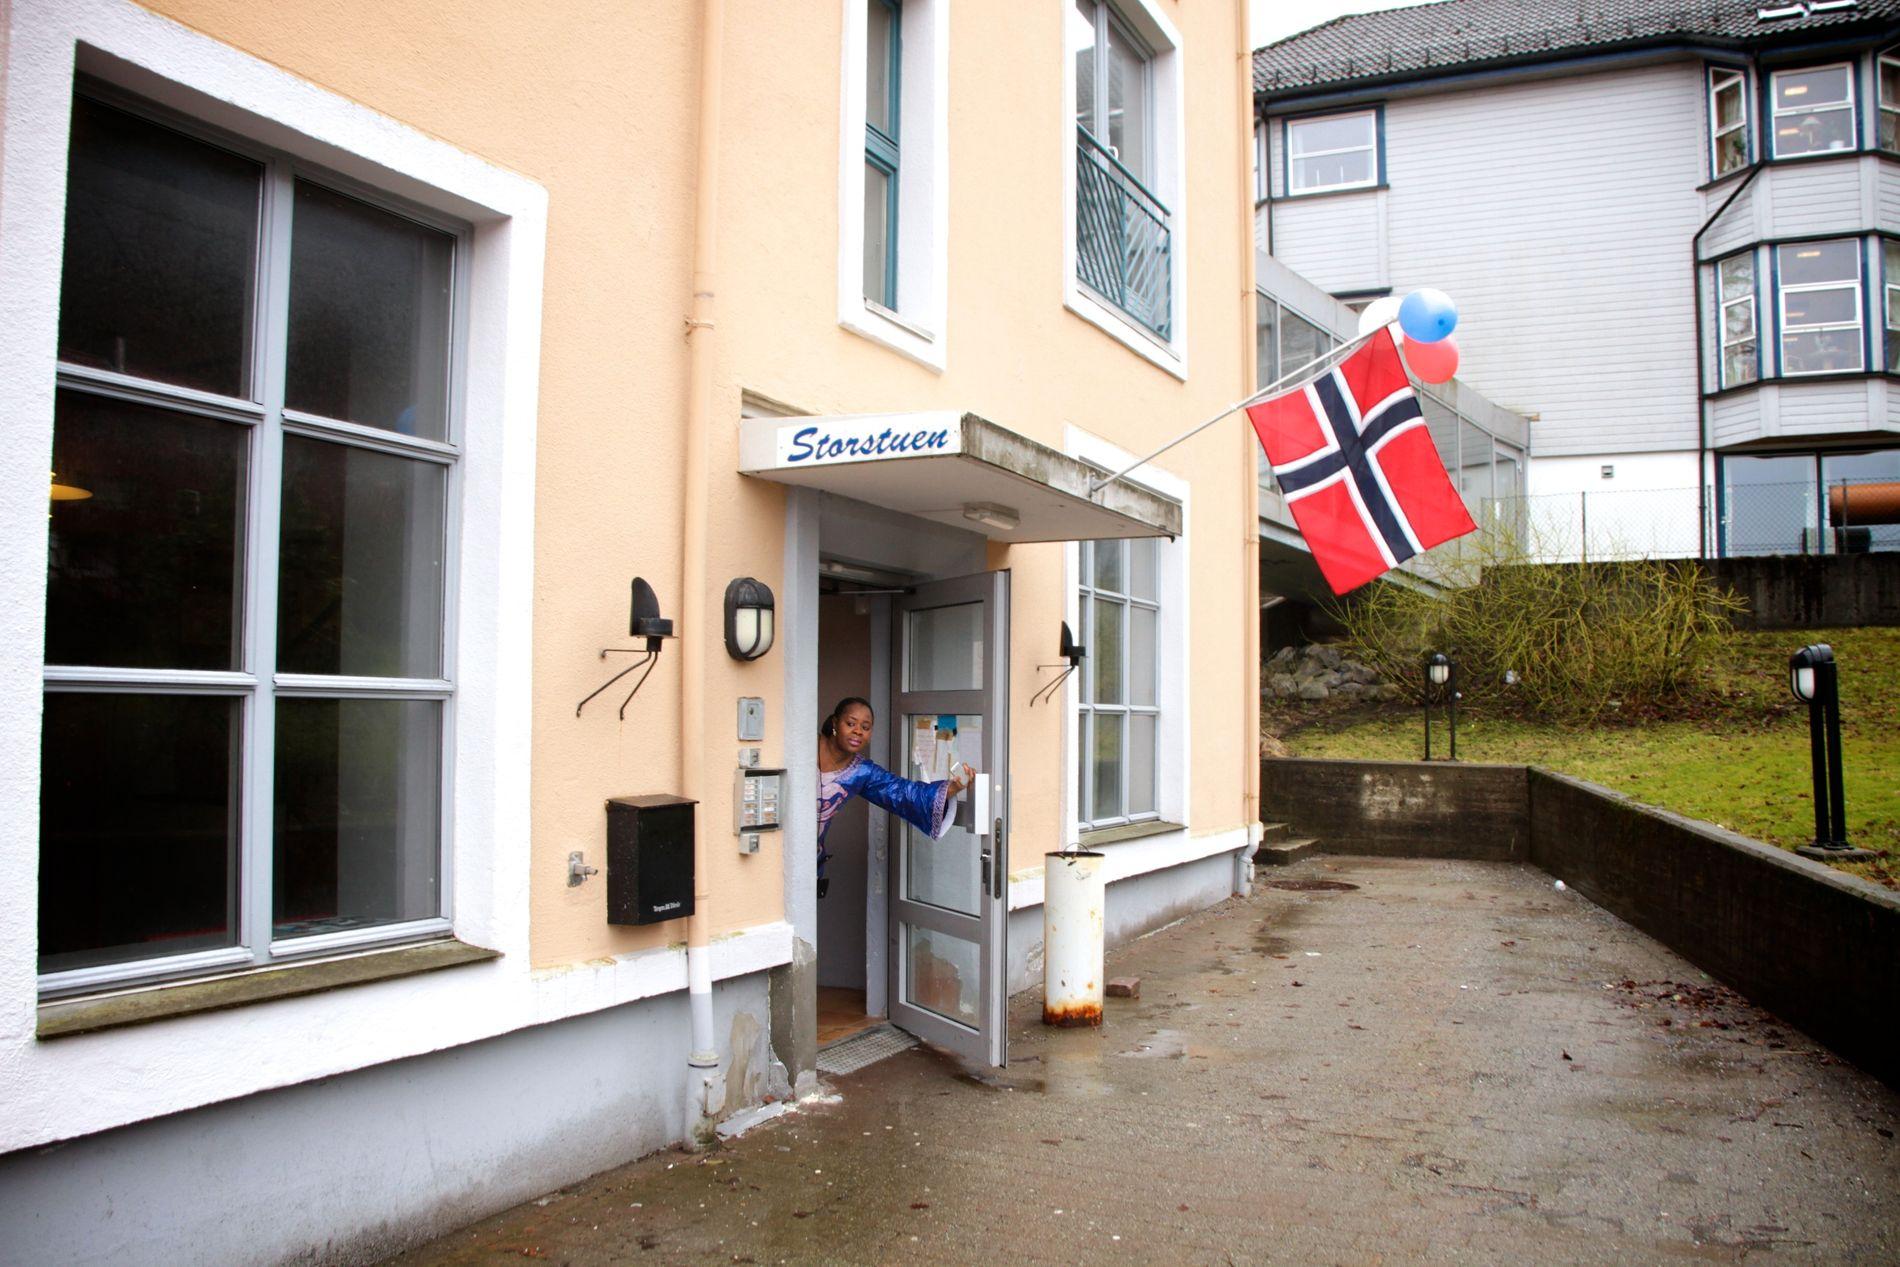 STORSTUEN NORGE: Fatmata Sia åpner dørene for oss, og ønsker oss velkommen til sønnens 7-årsdag.